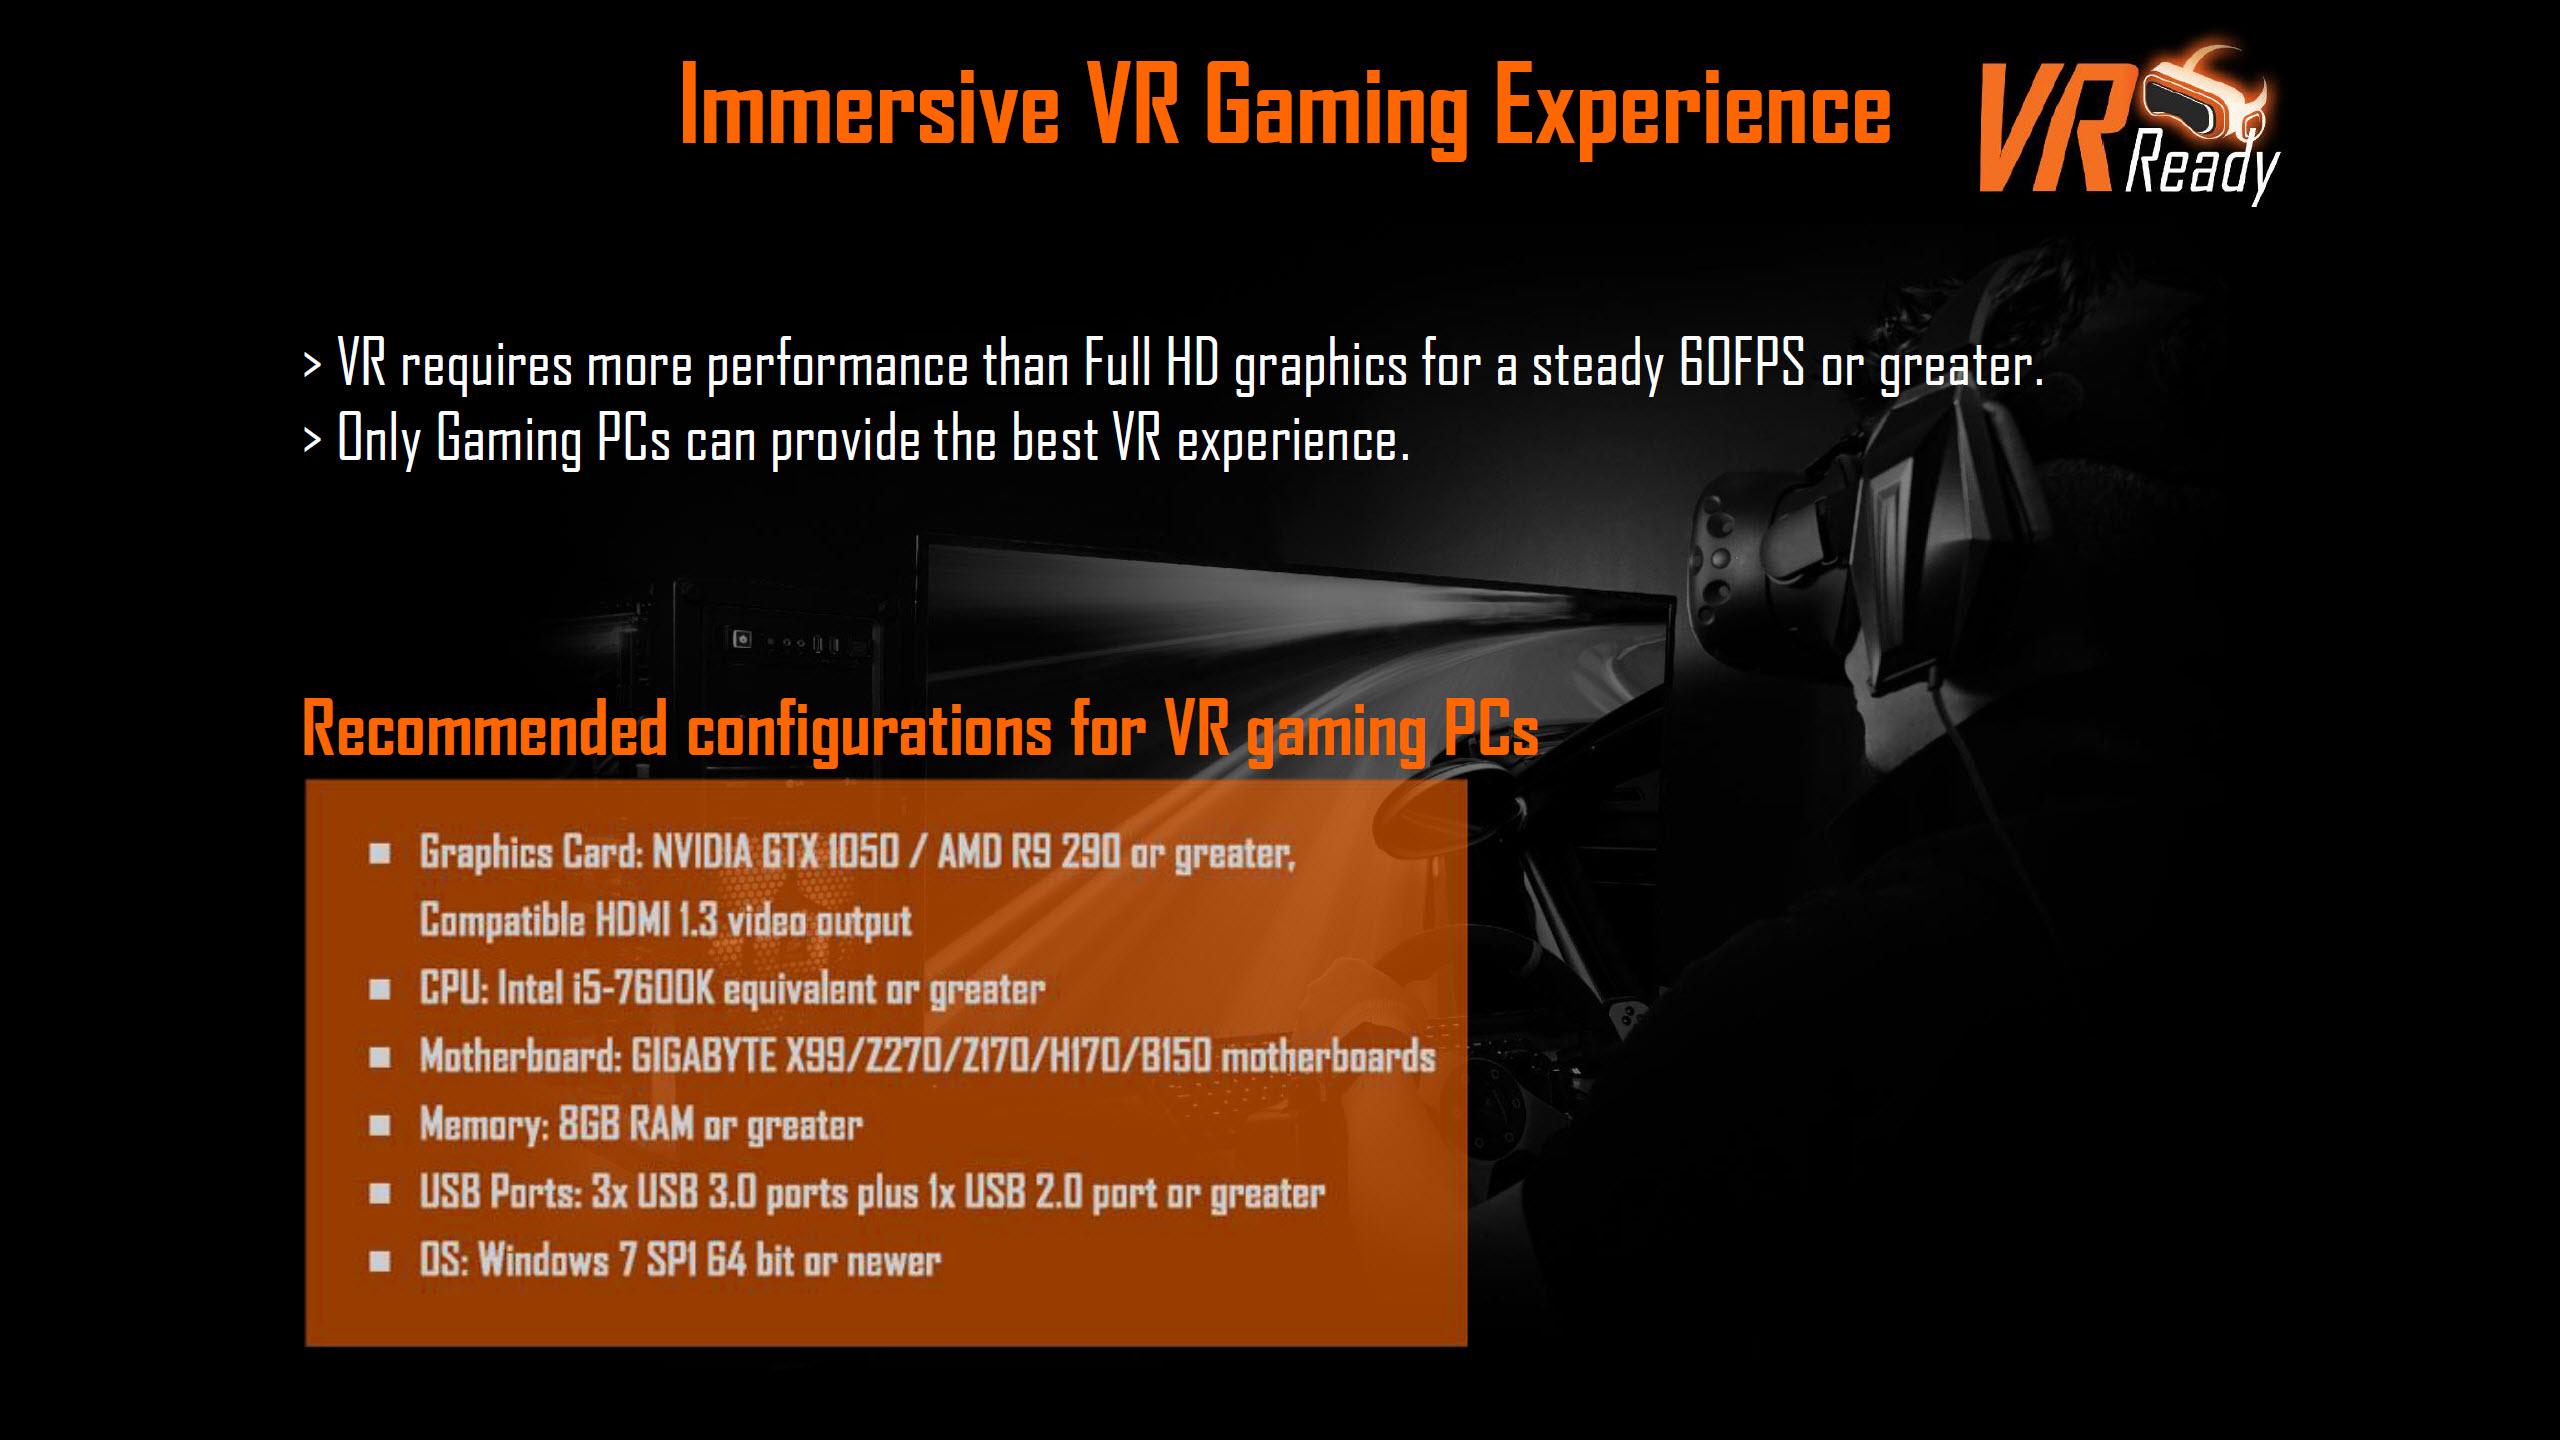 Gigabyte AORUS Z270X-Gaming-7 LGA 1151 Motherboard Review